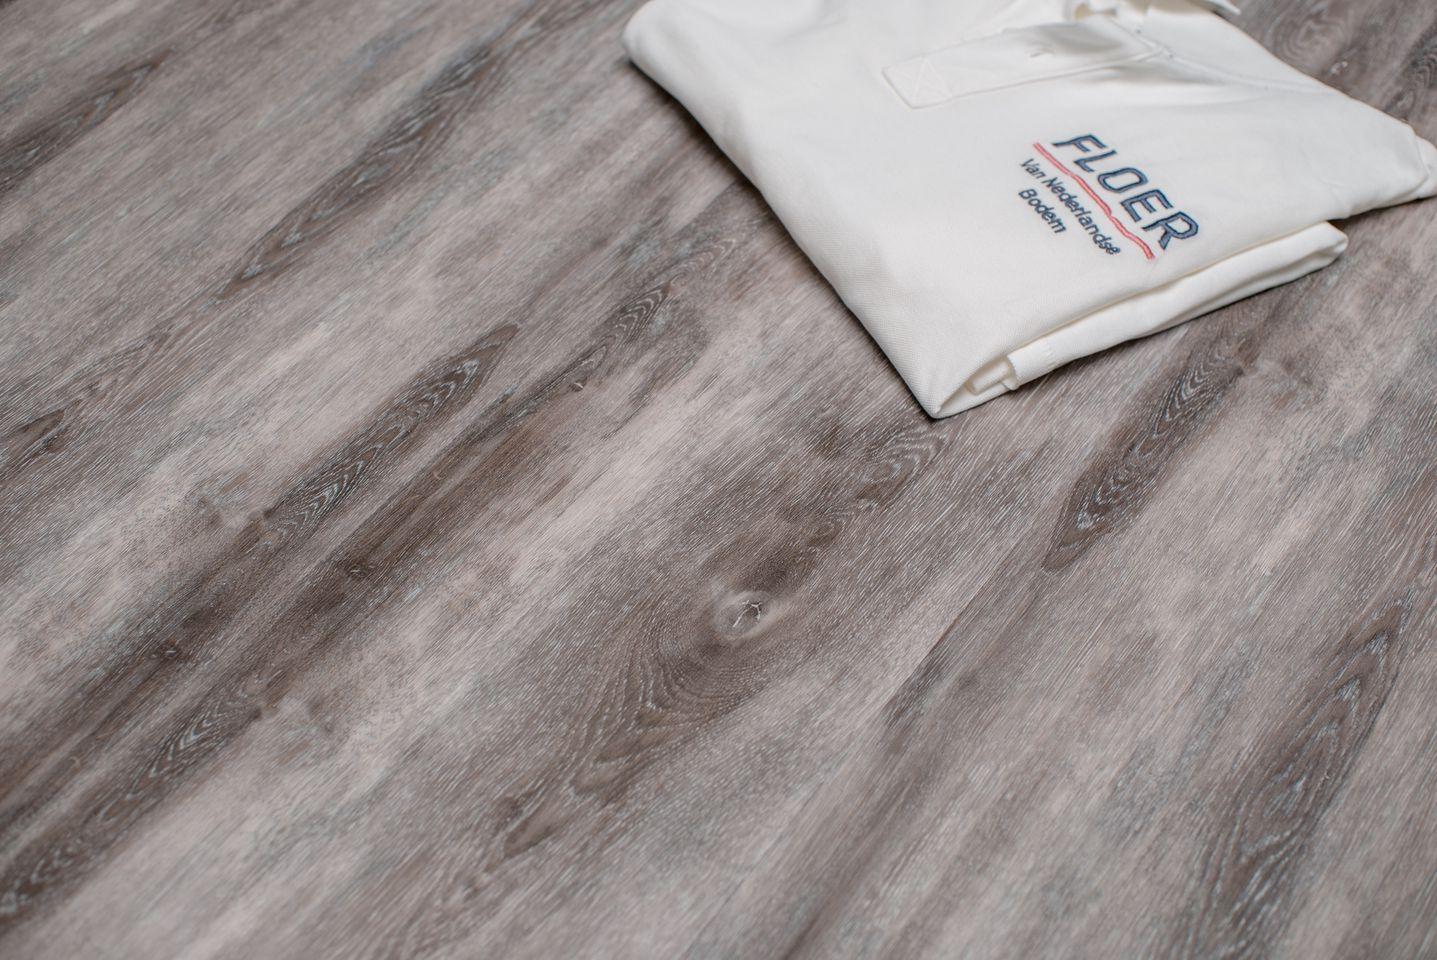 Vinyl Vloer Coupons : Floer dorpen pvc gastel grauw eiken grijze vinyl plank vloer